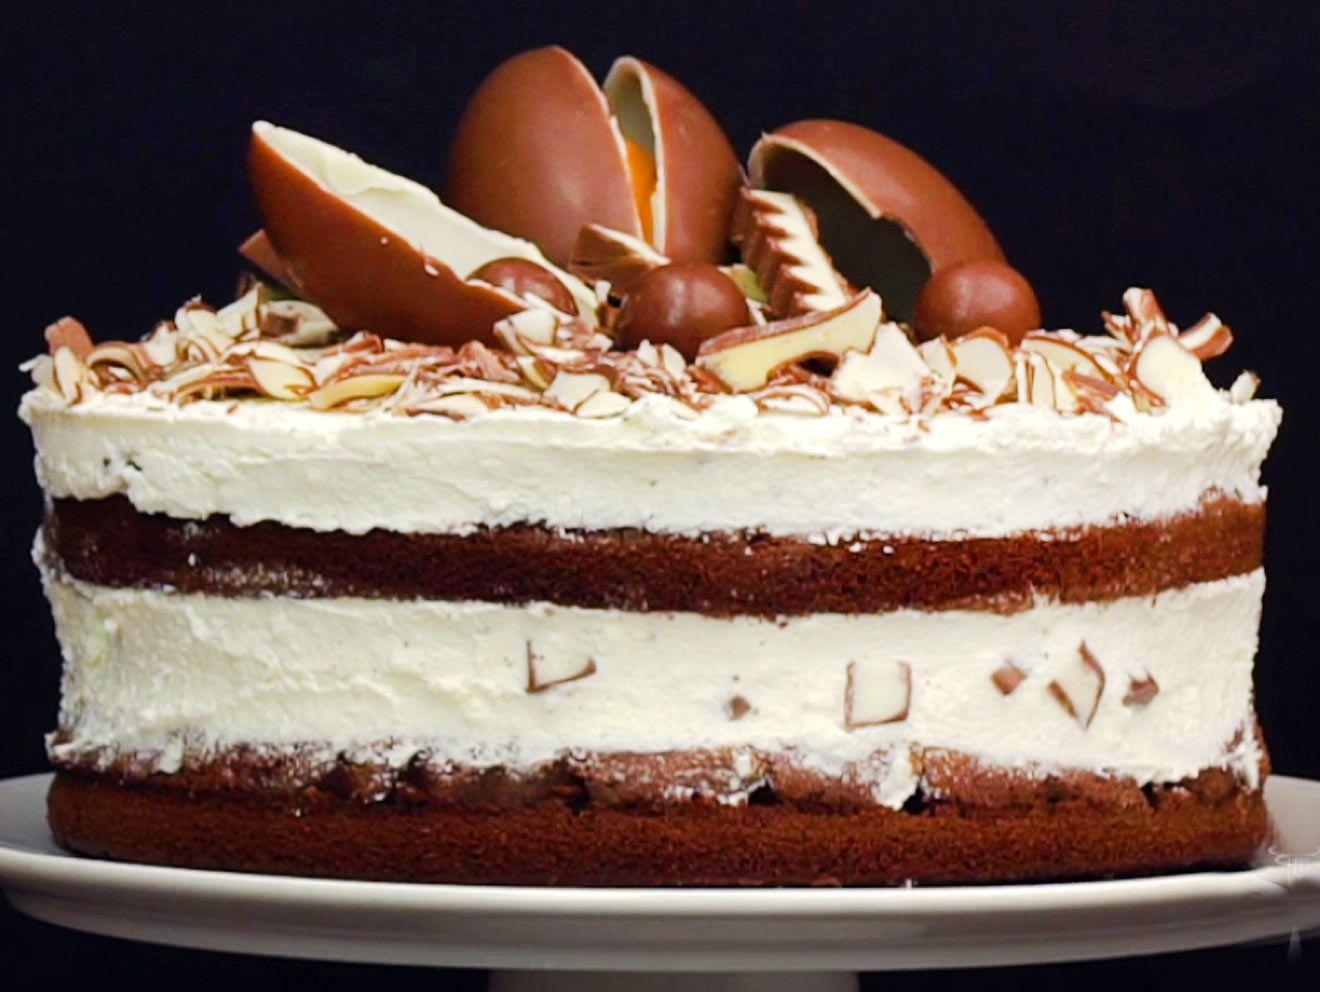 Kinderschokolade Torte Backen So Geht S Kinderschokoladen Torte Rezept Kinderschokoladen Kuchen Torte Ohne Backen